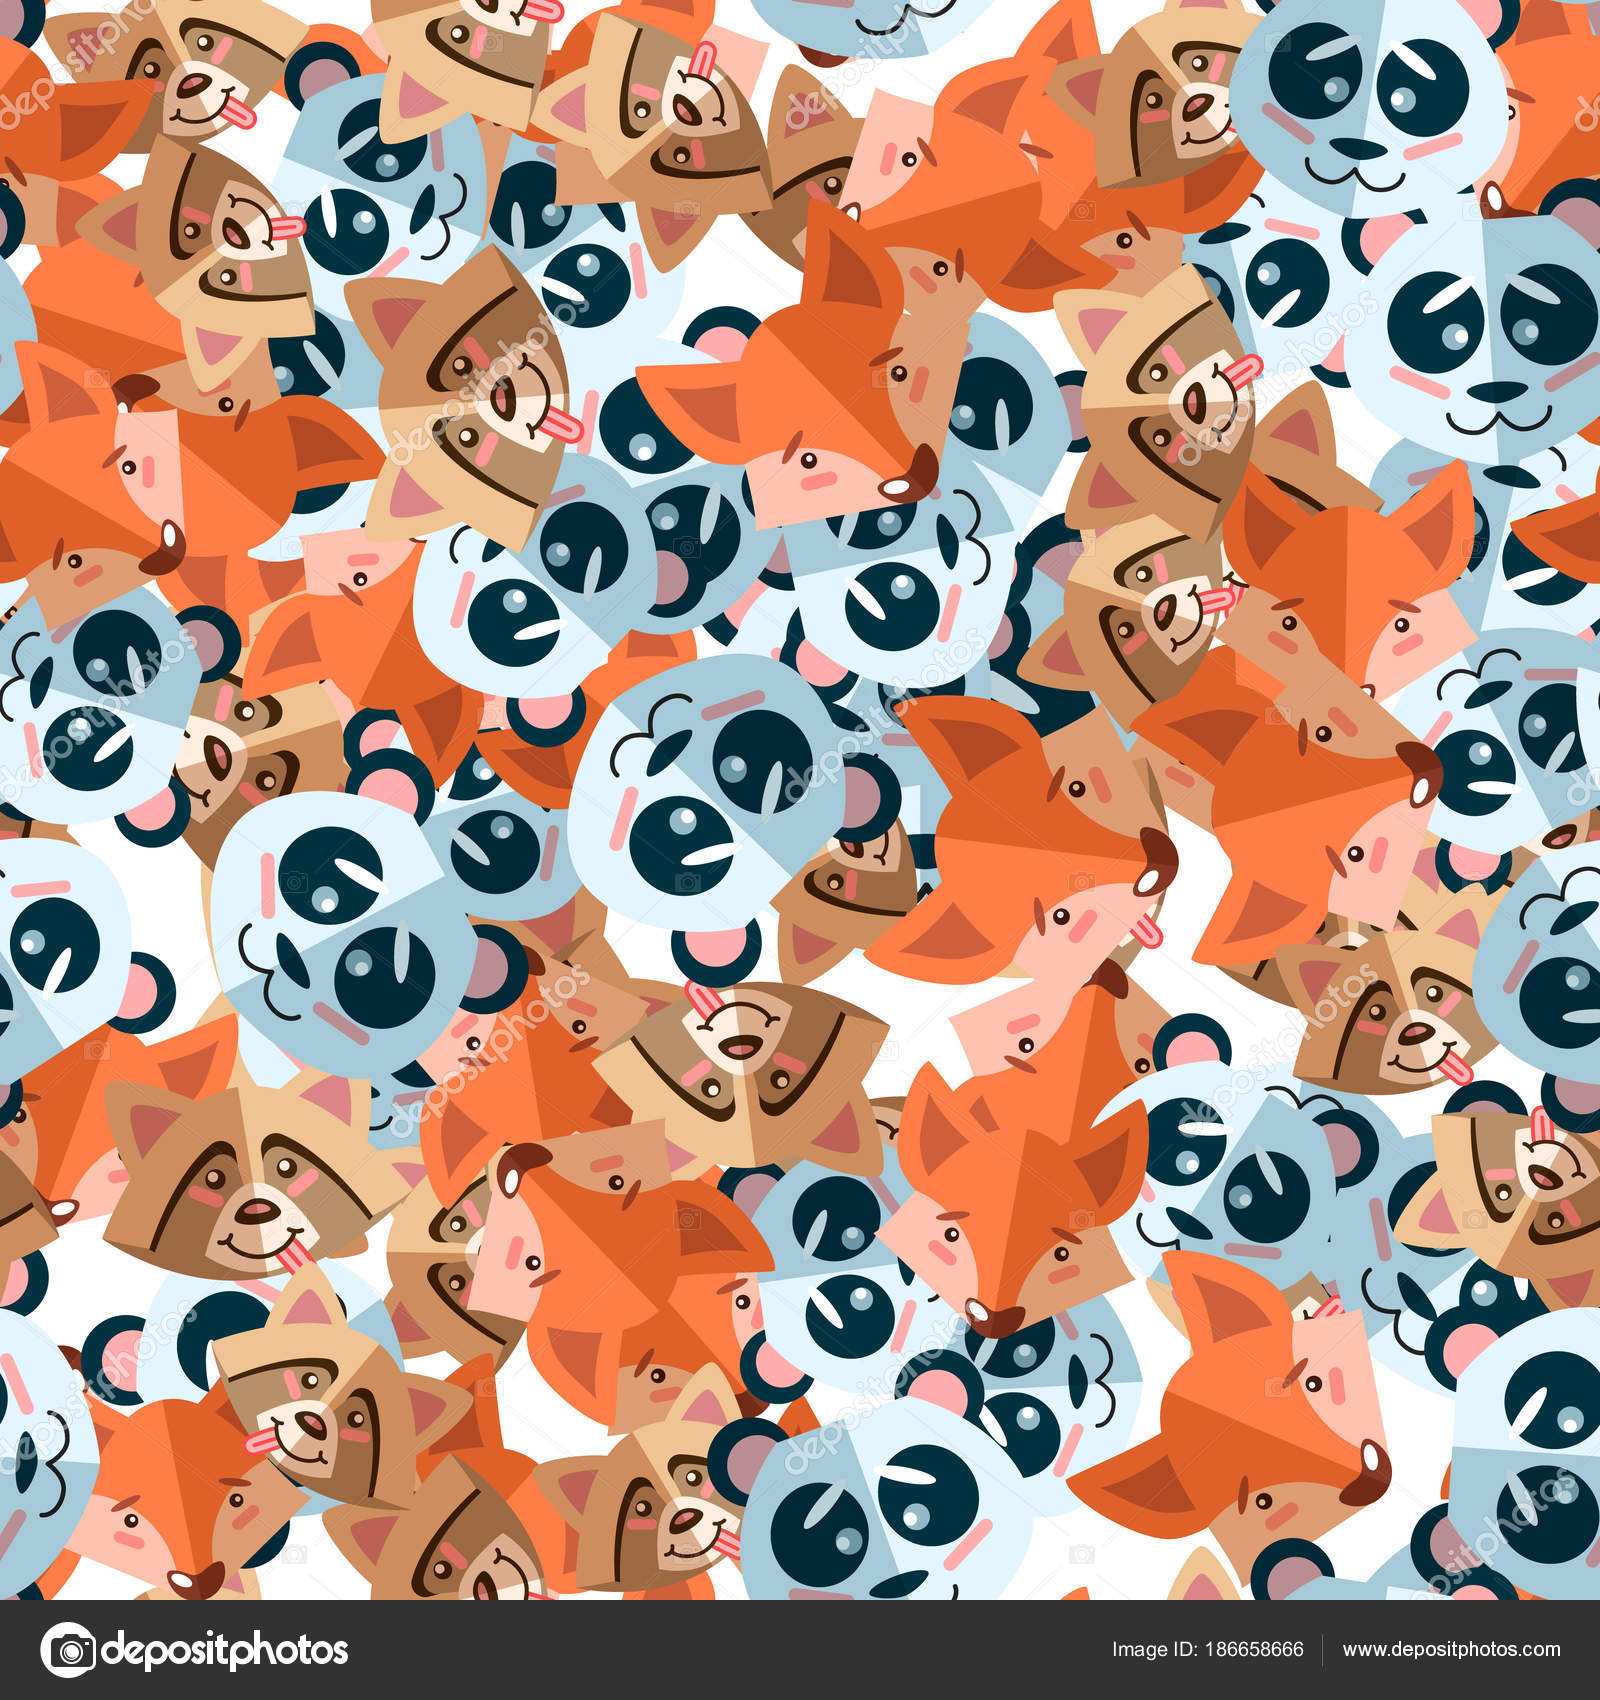 Tierische Muster nahtlose Hintergrund Vektorgrafik. Niedlichen ...